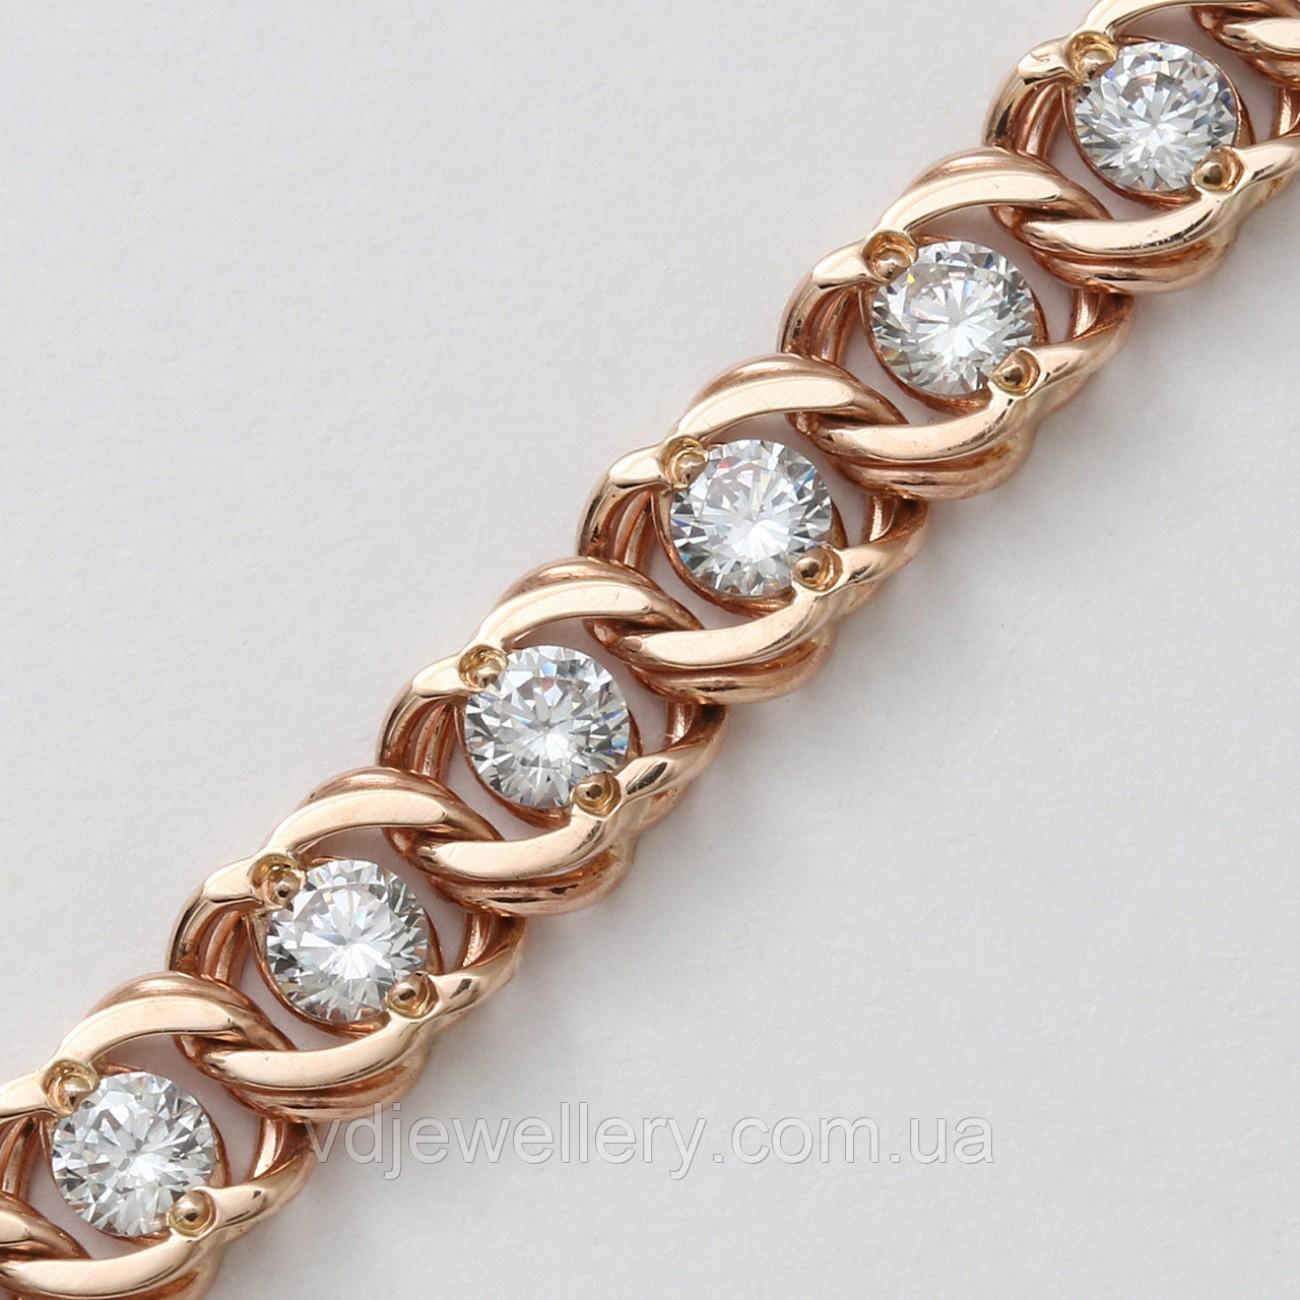 Золотой браслет с камнями 5210647